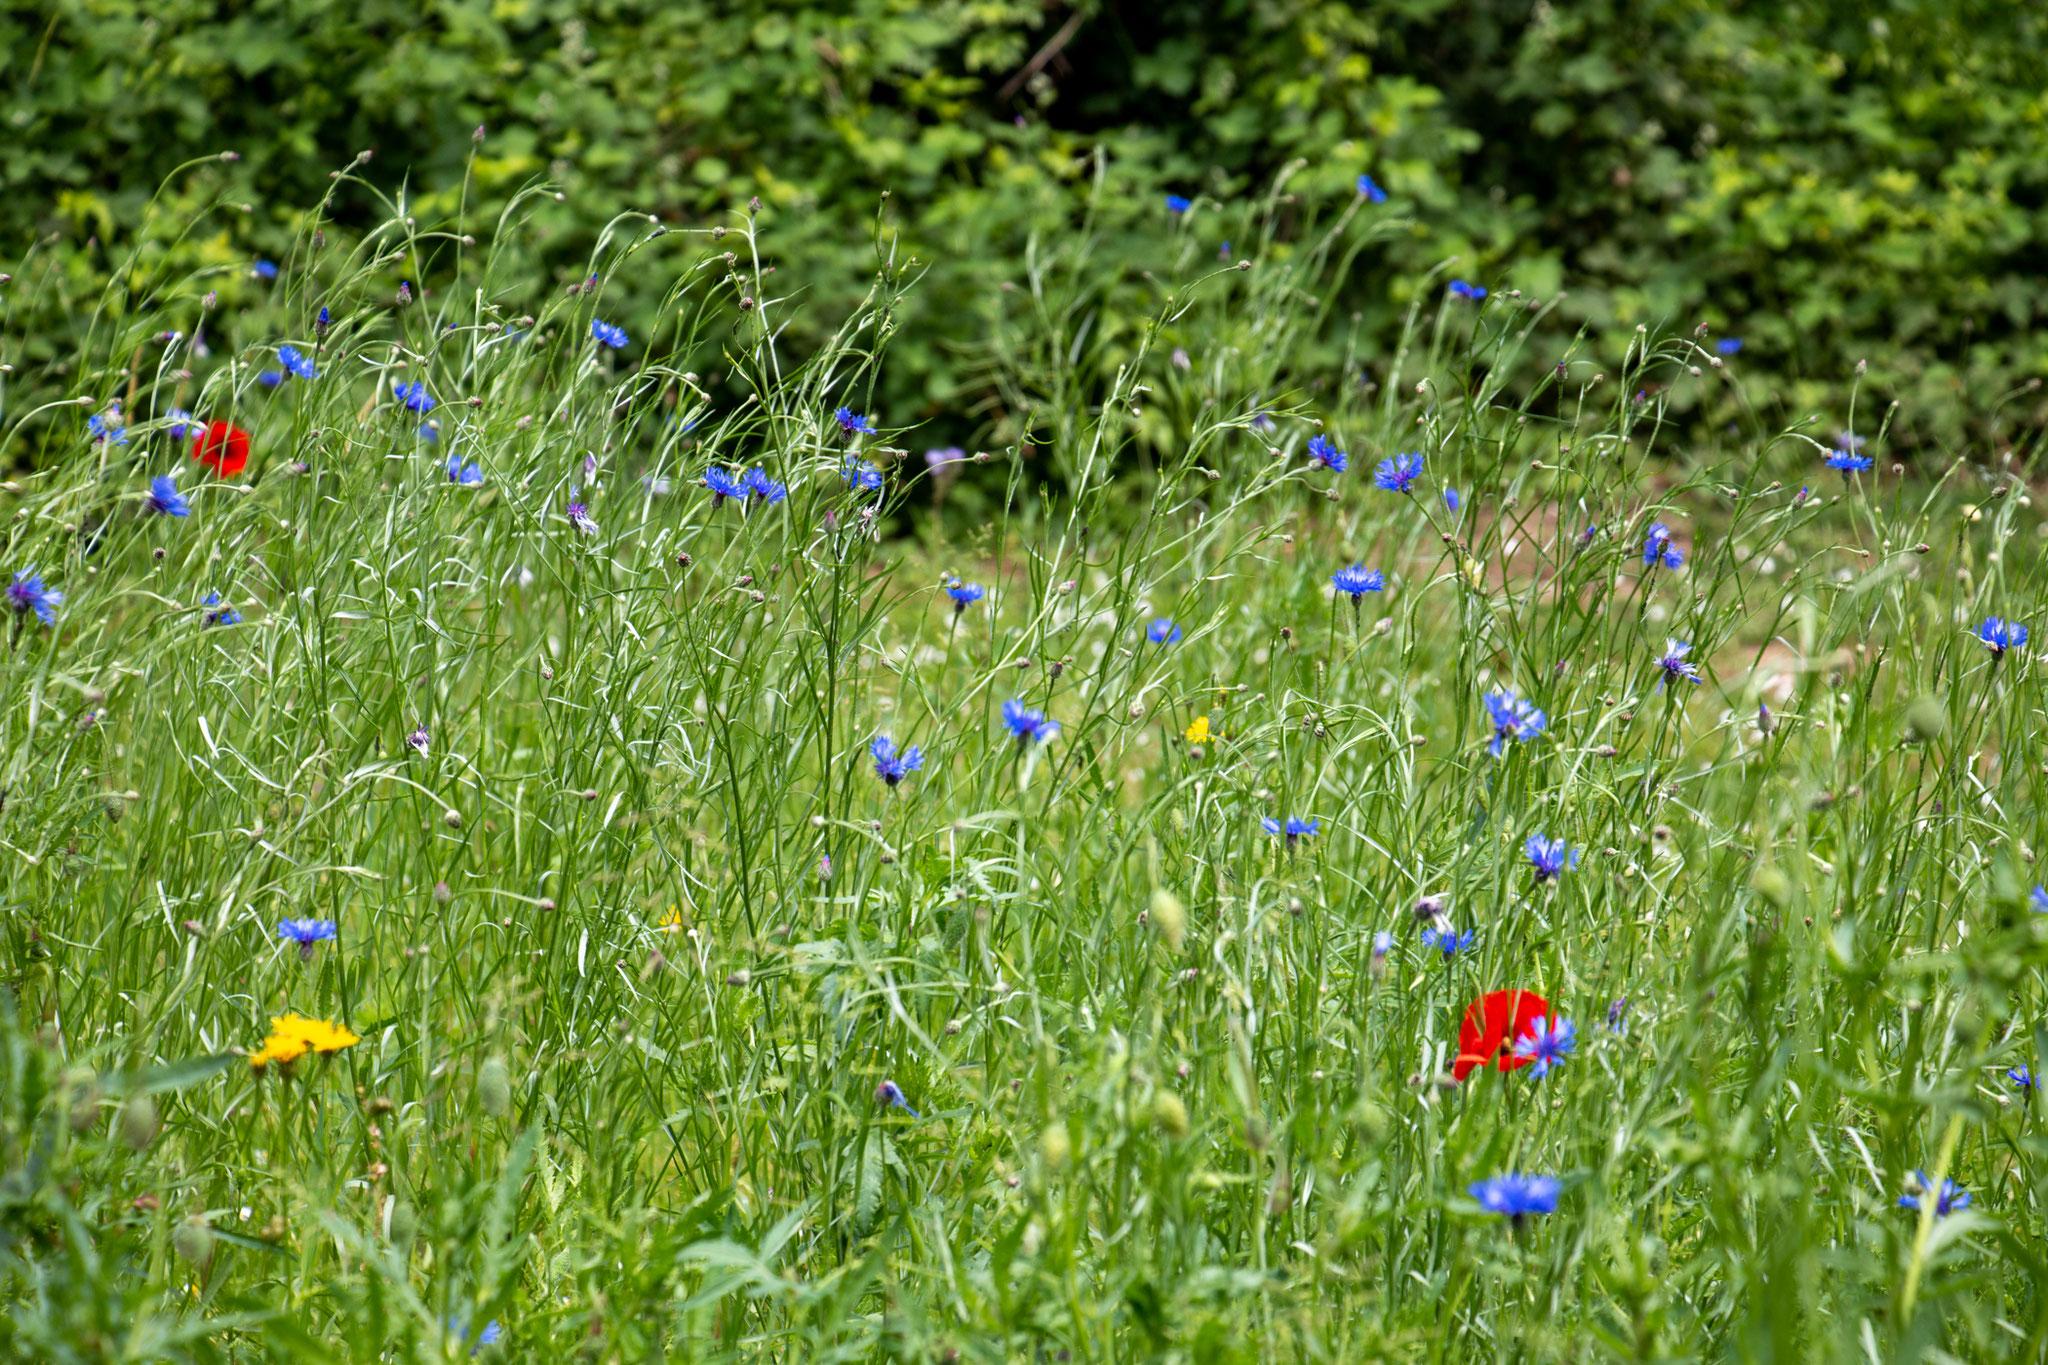 Kornblumen, Klatschmohn und Wiesen-Pippau zwischen Gräsern (Foto: B. Budig)